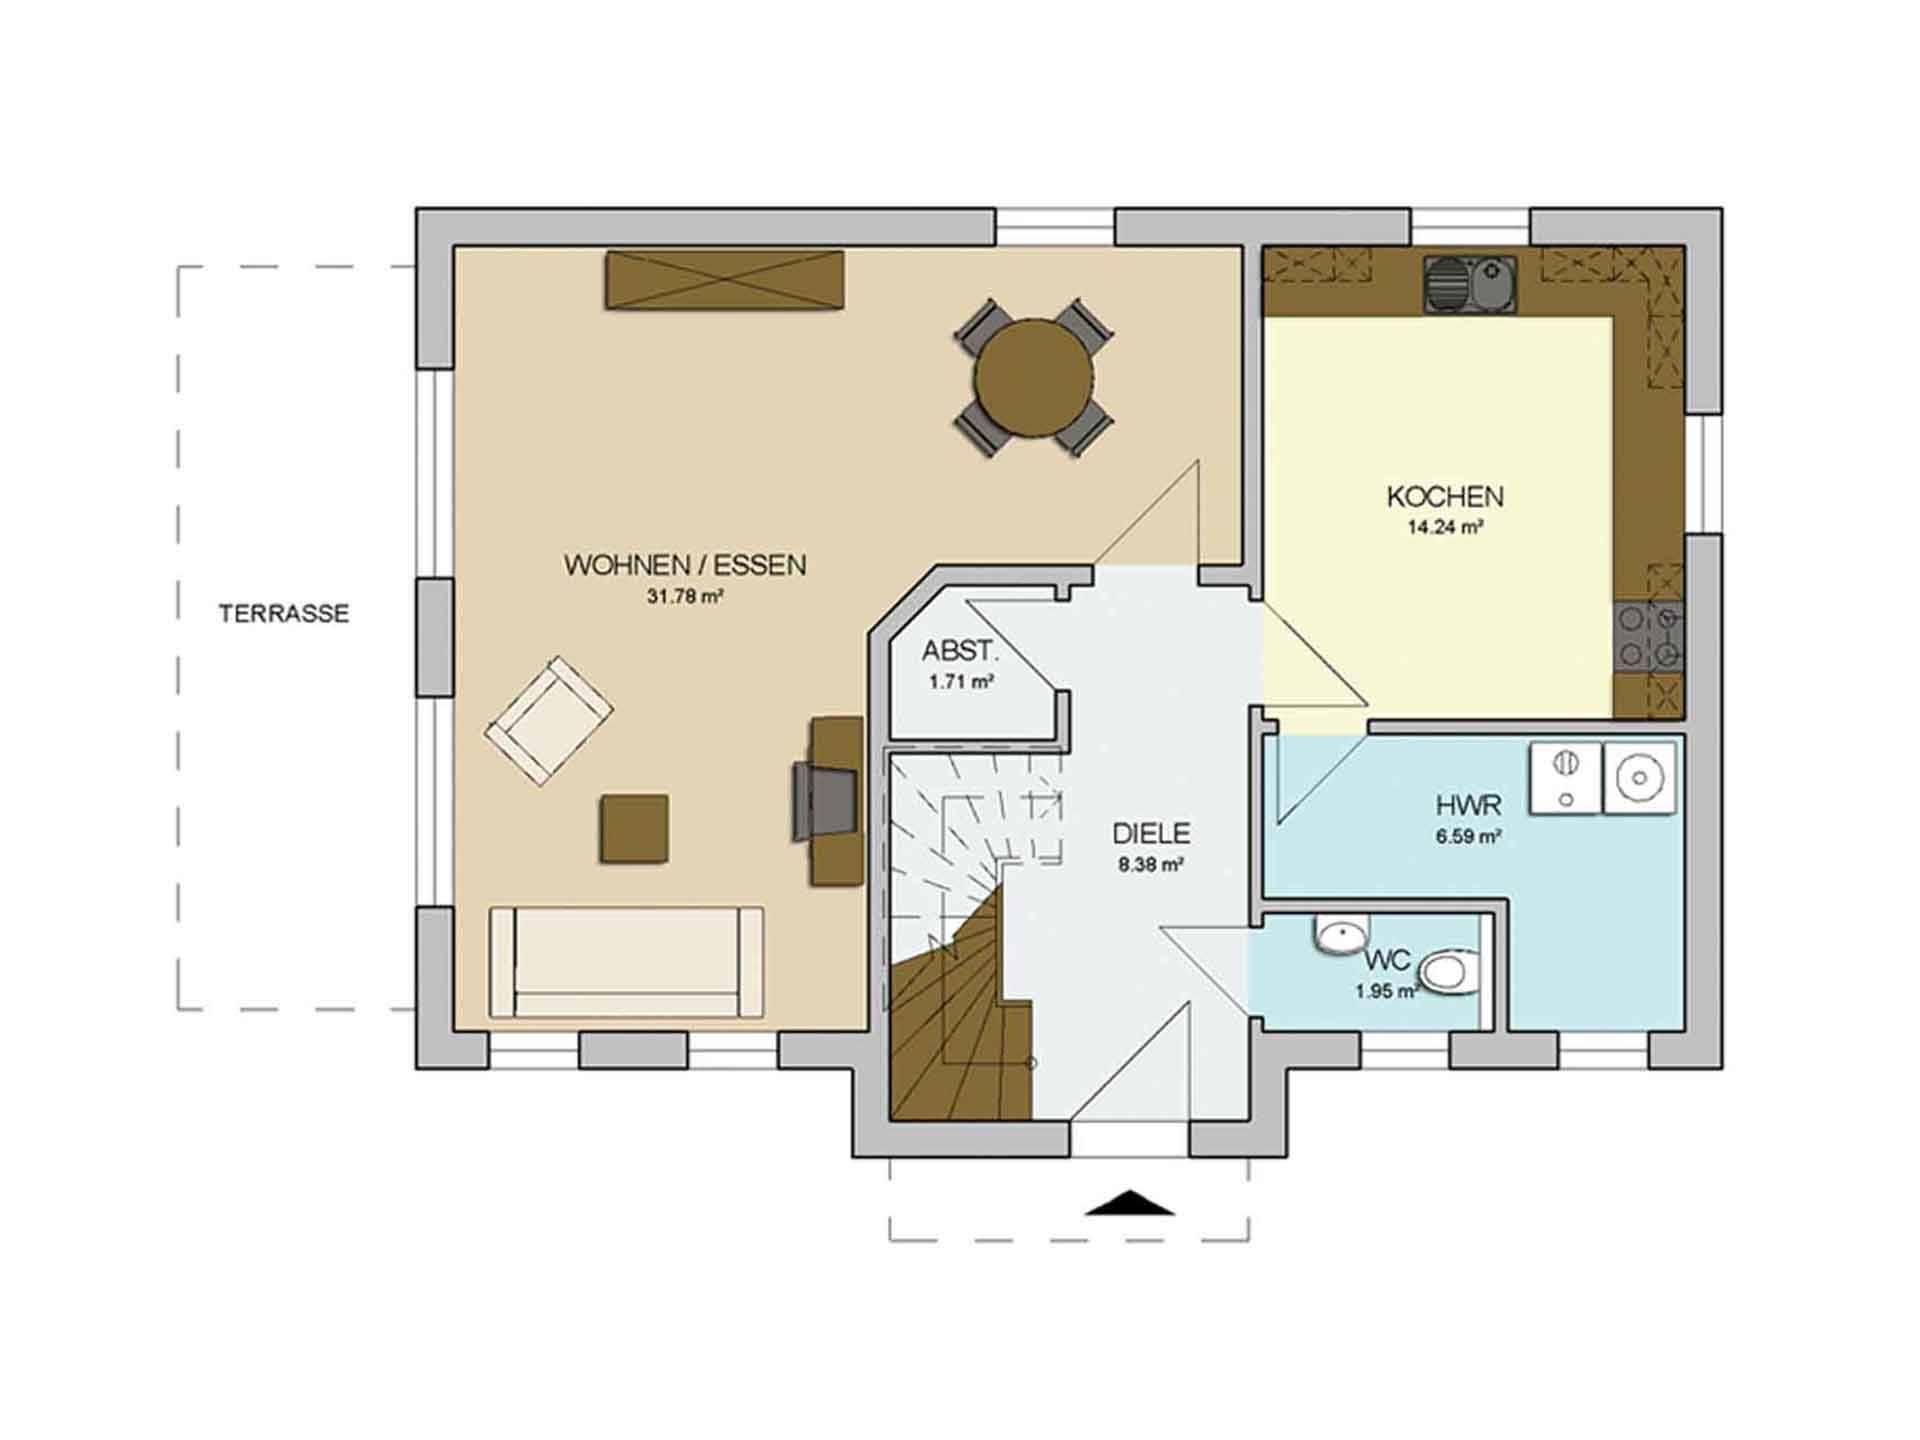 Grundriss Erdgeschoss Haus CLASSIC 120 von AP:art Haus GmbH